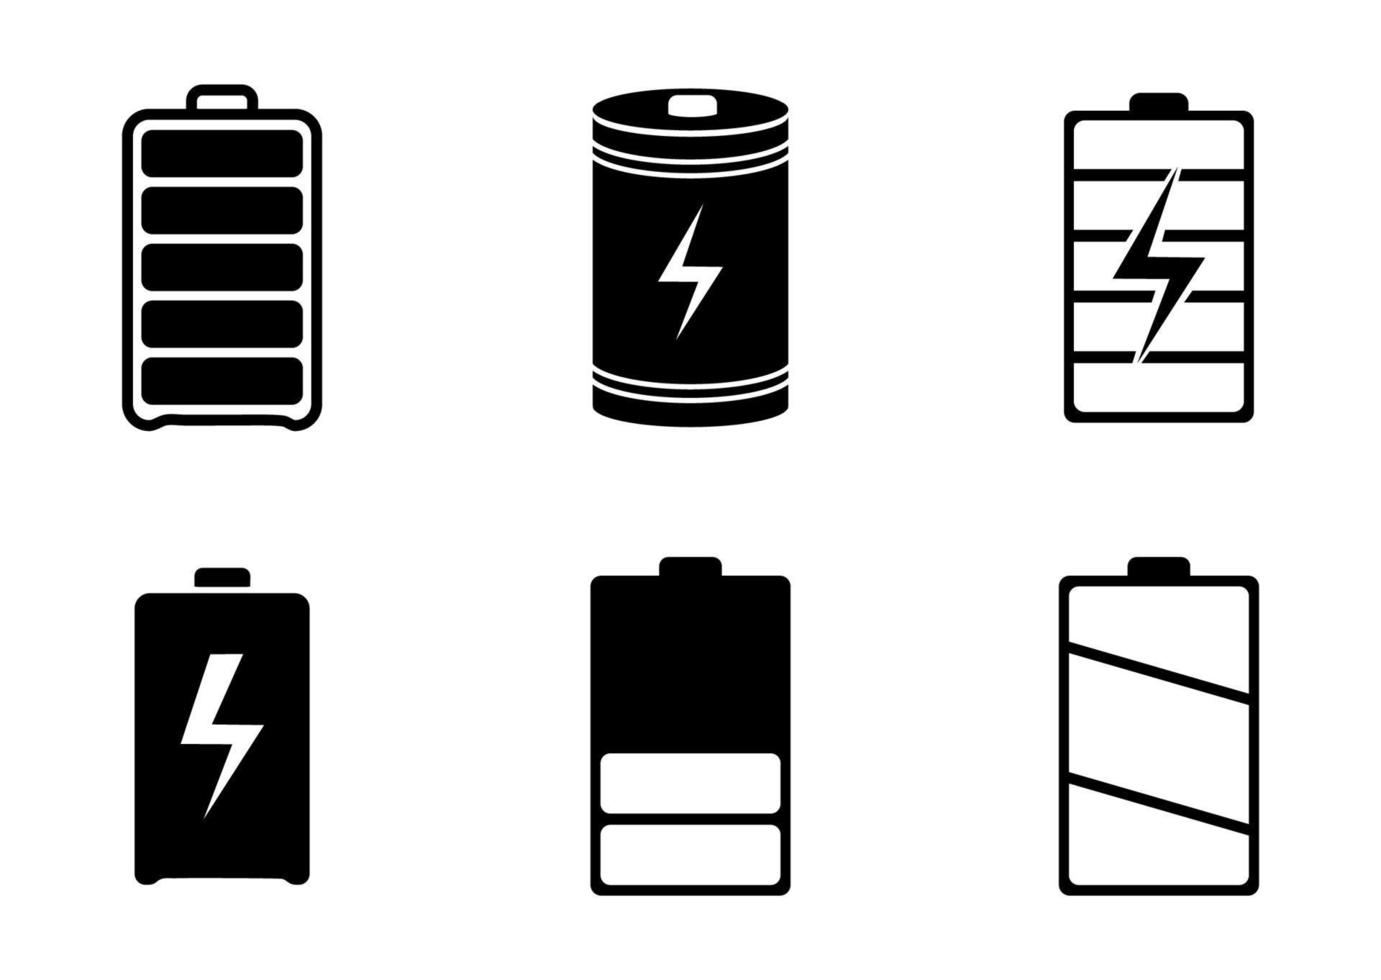 conjunto de ícones de bateria - ilustração vetorial. vetor